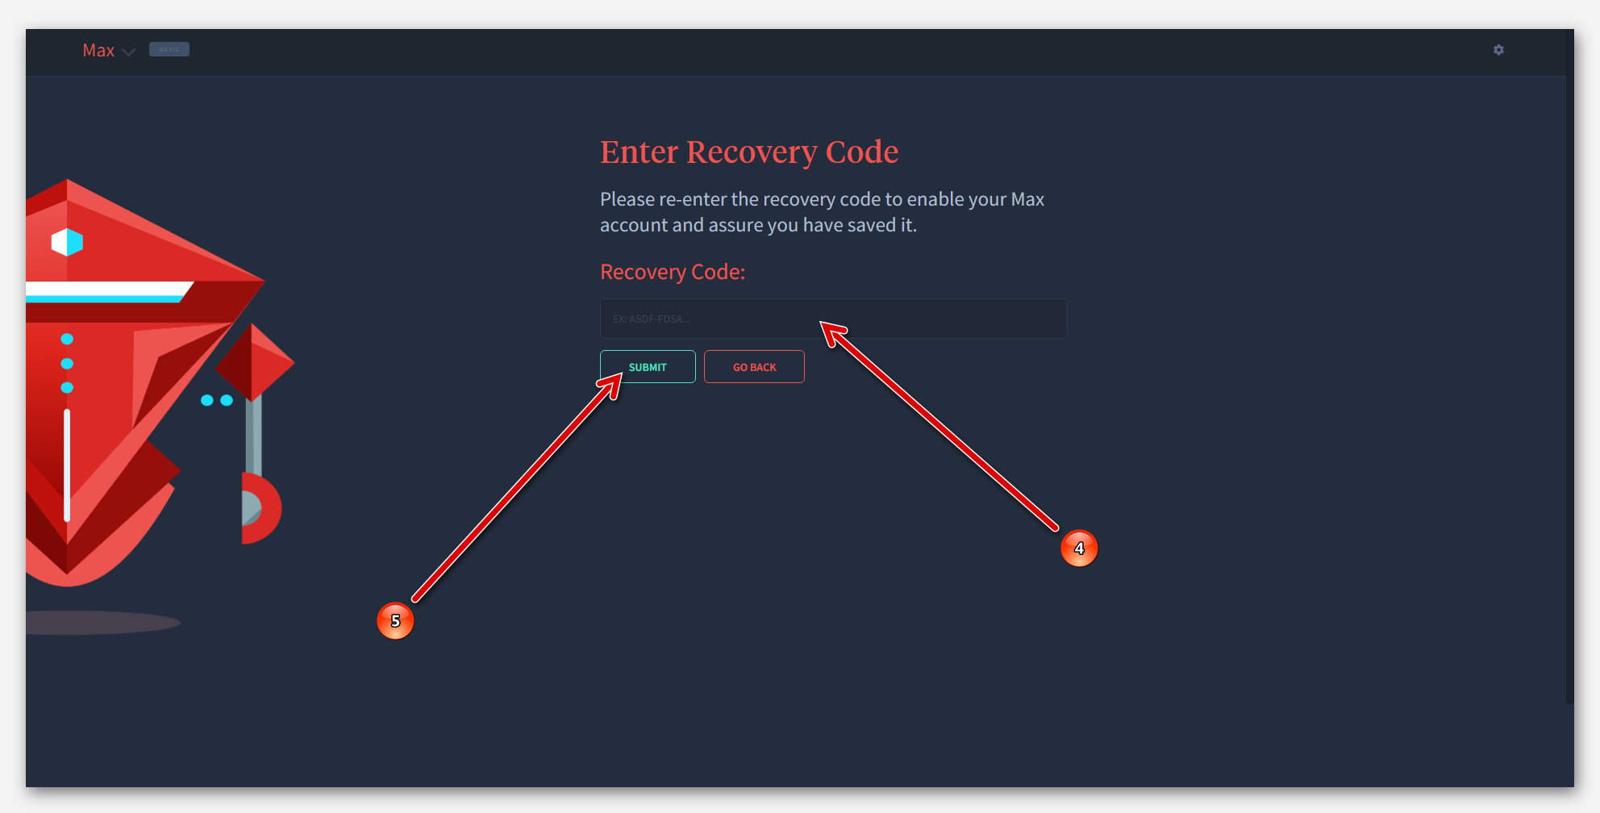 Вставить код восстановления в Роботе Max, на платформе Dropil